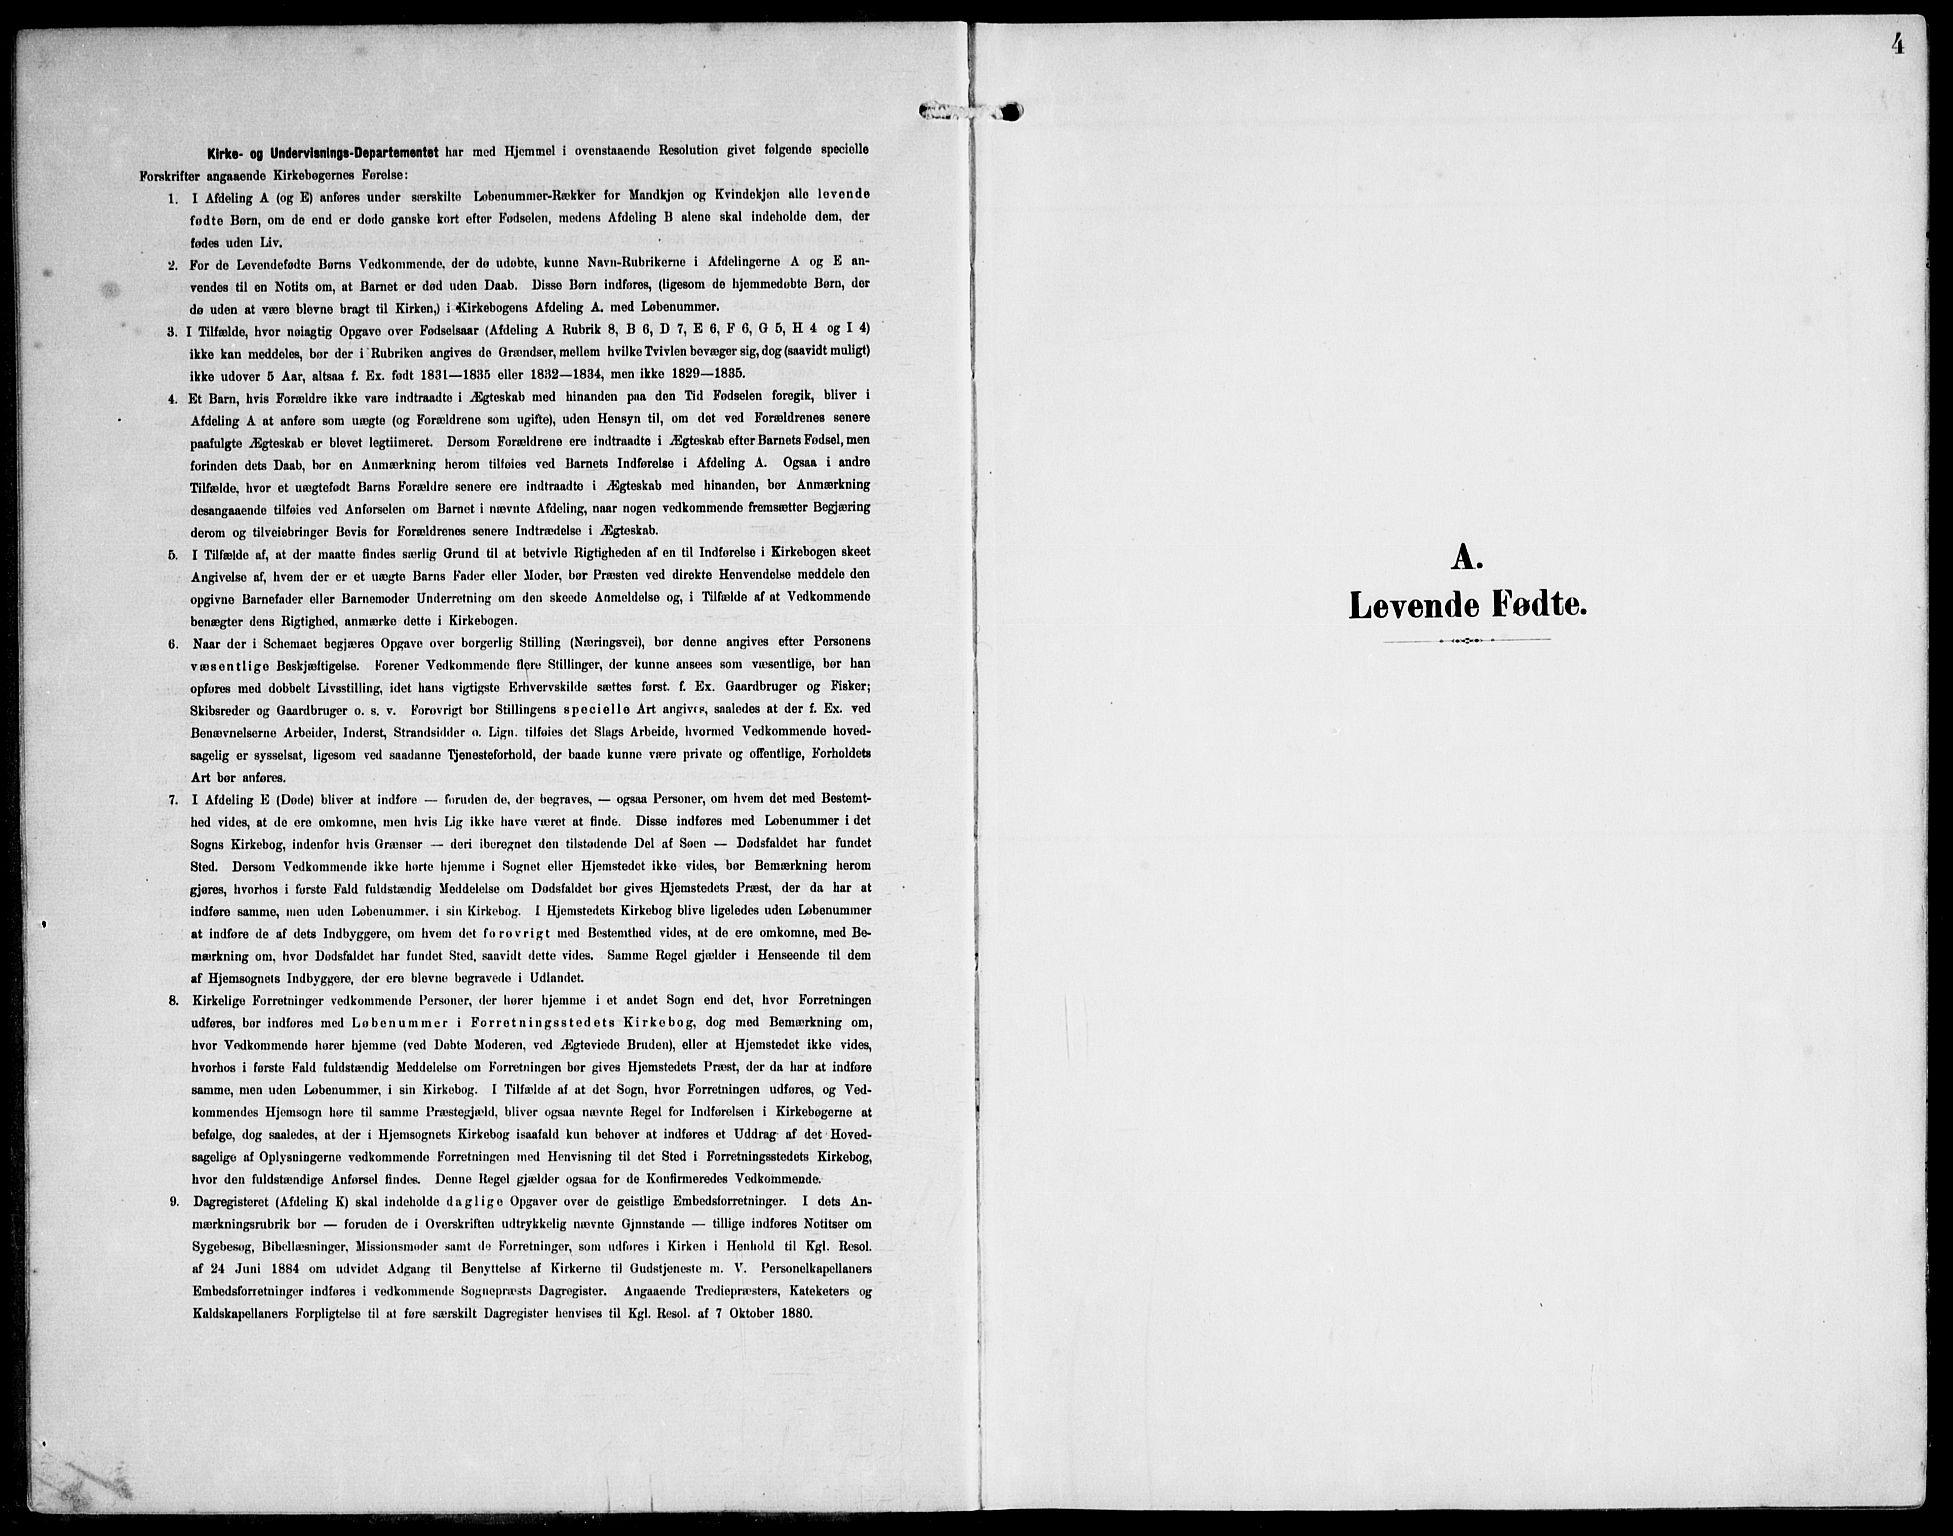 SAT, Ministerialprotokoller, klokkerbøker og fødselsregistre - Nord-Trøndelag, 788/L0698: Ministerialbok nr. 788A05, 1902-1921, s. 4